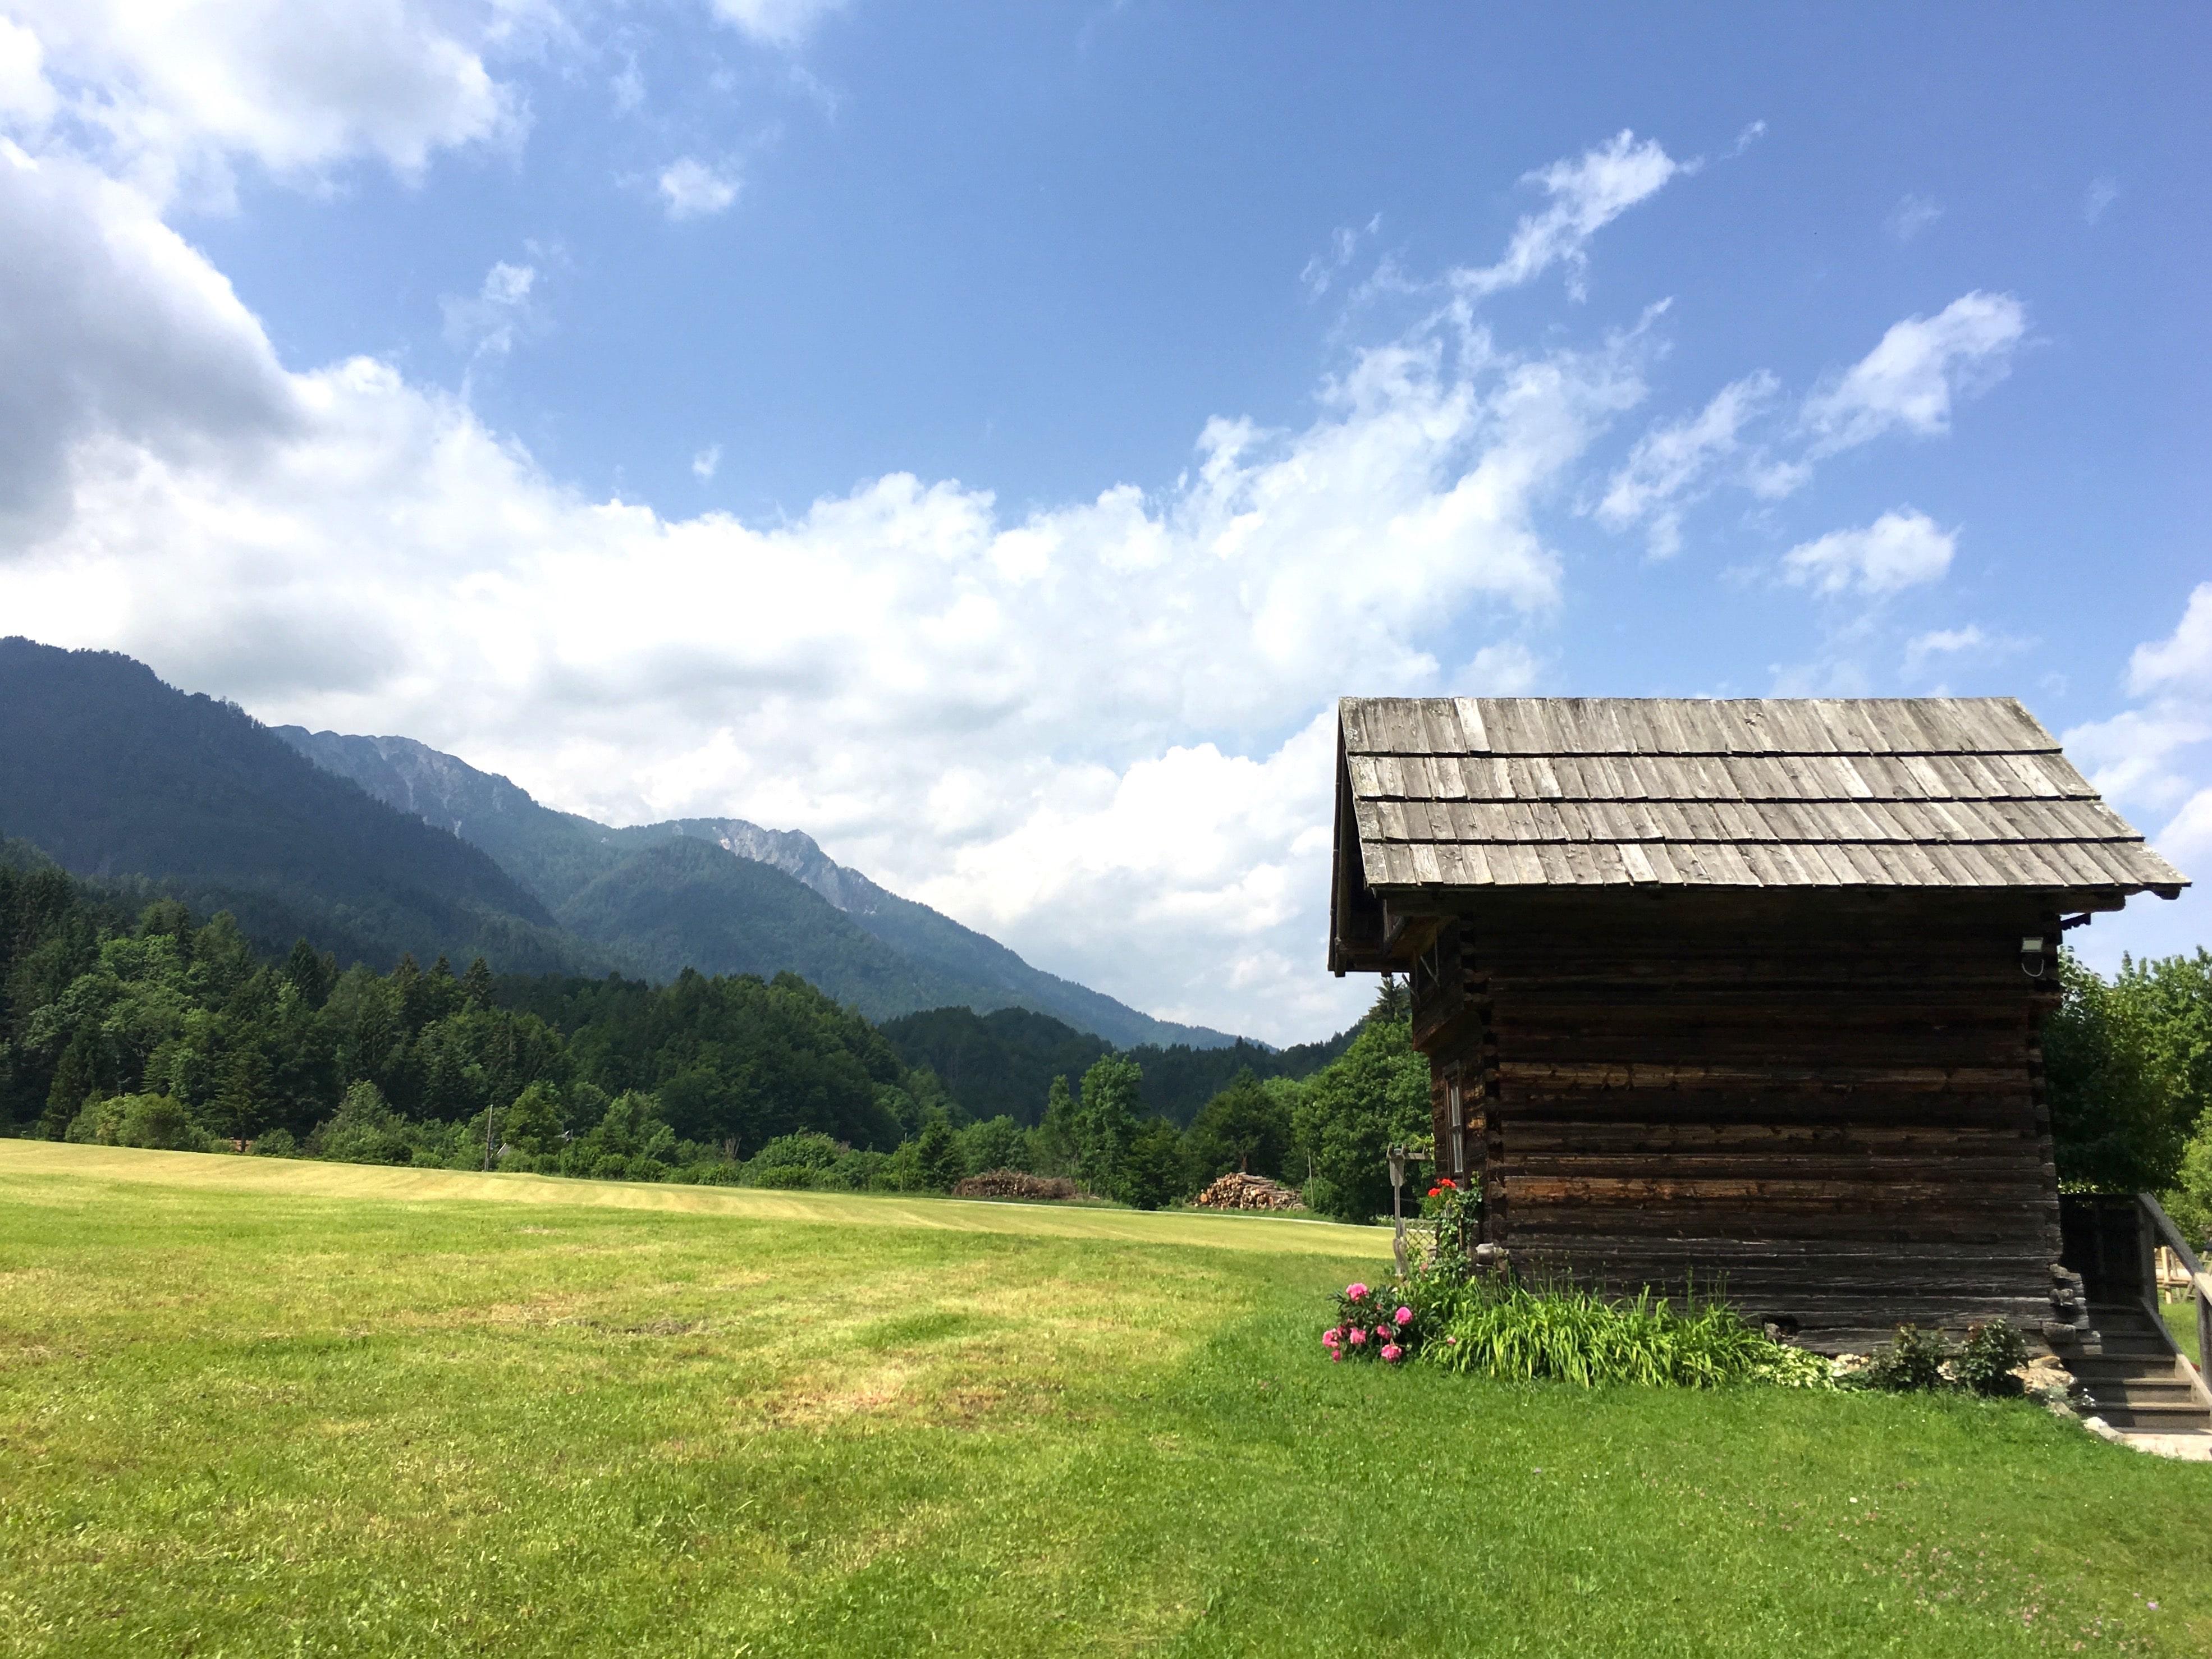 mountainbiken kaernten radurlaub region villach 15 - Mountainbiken in der Region Villach in Kärnten